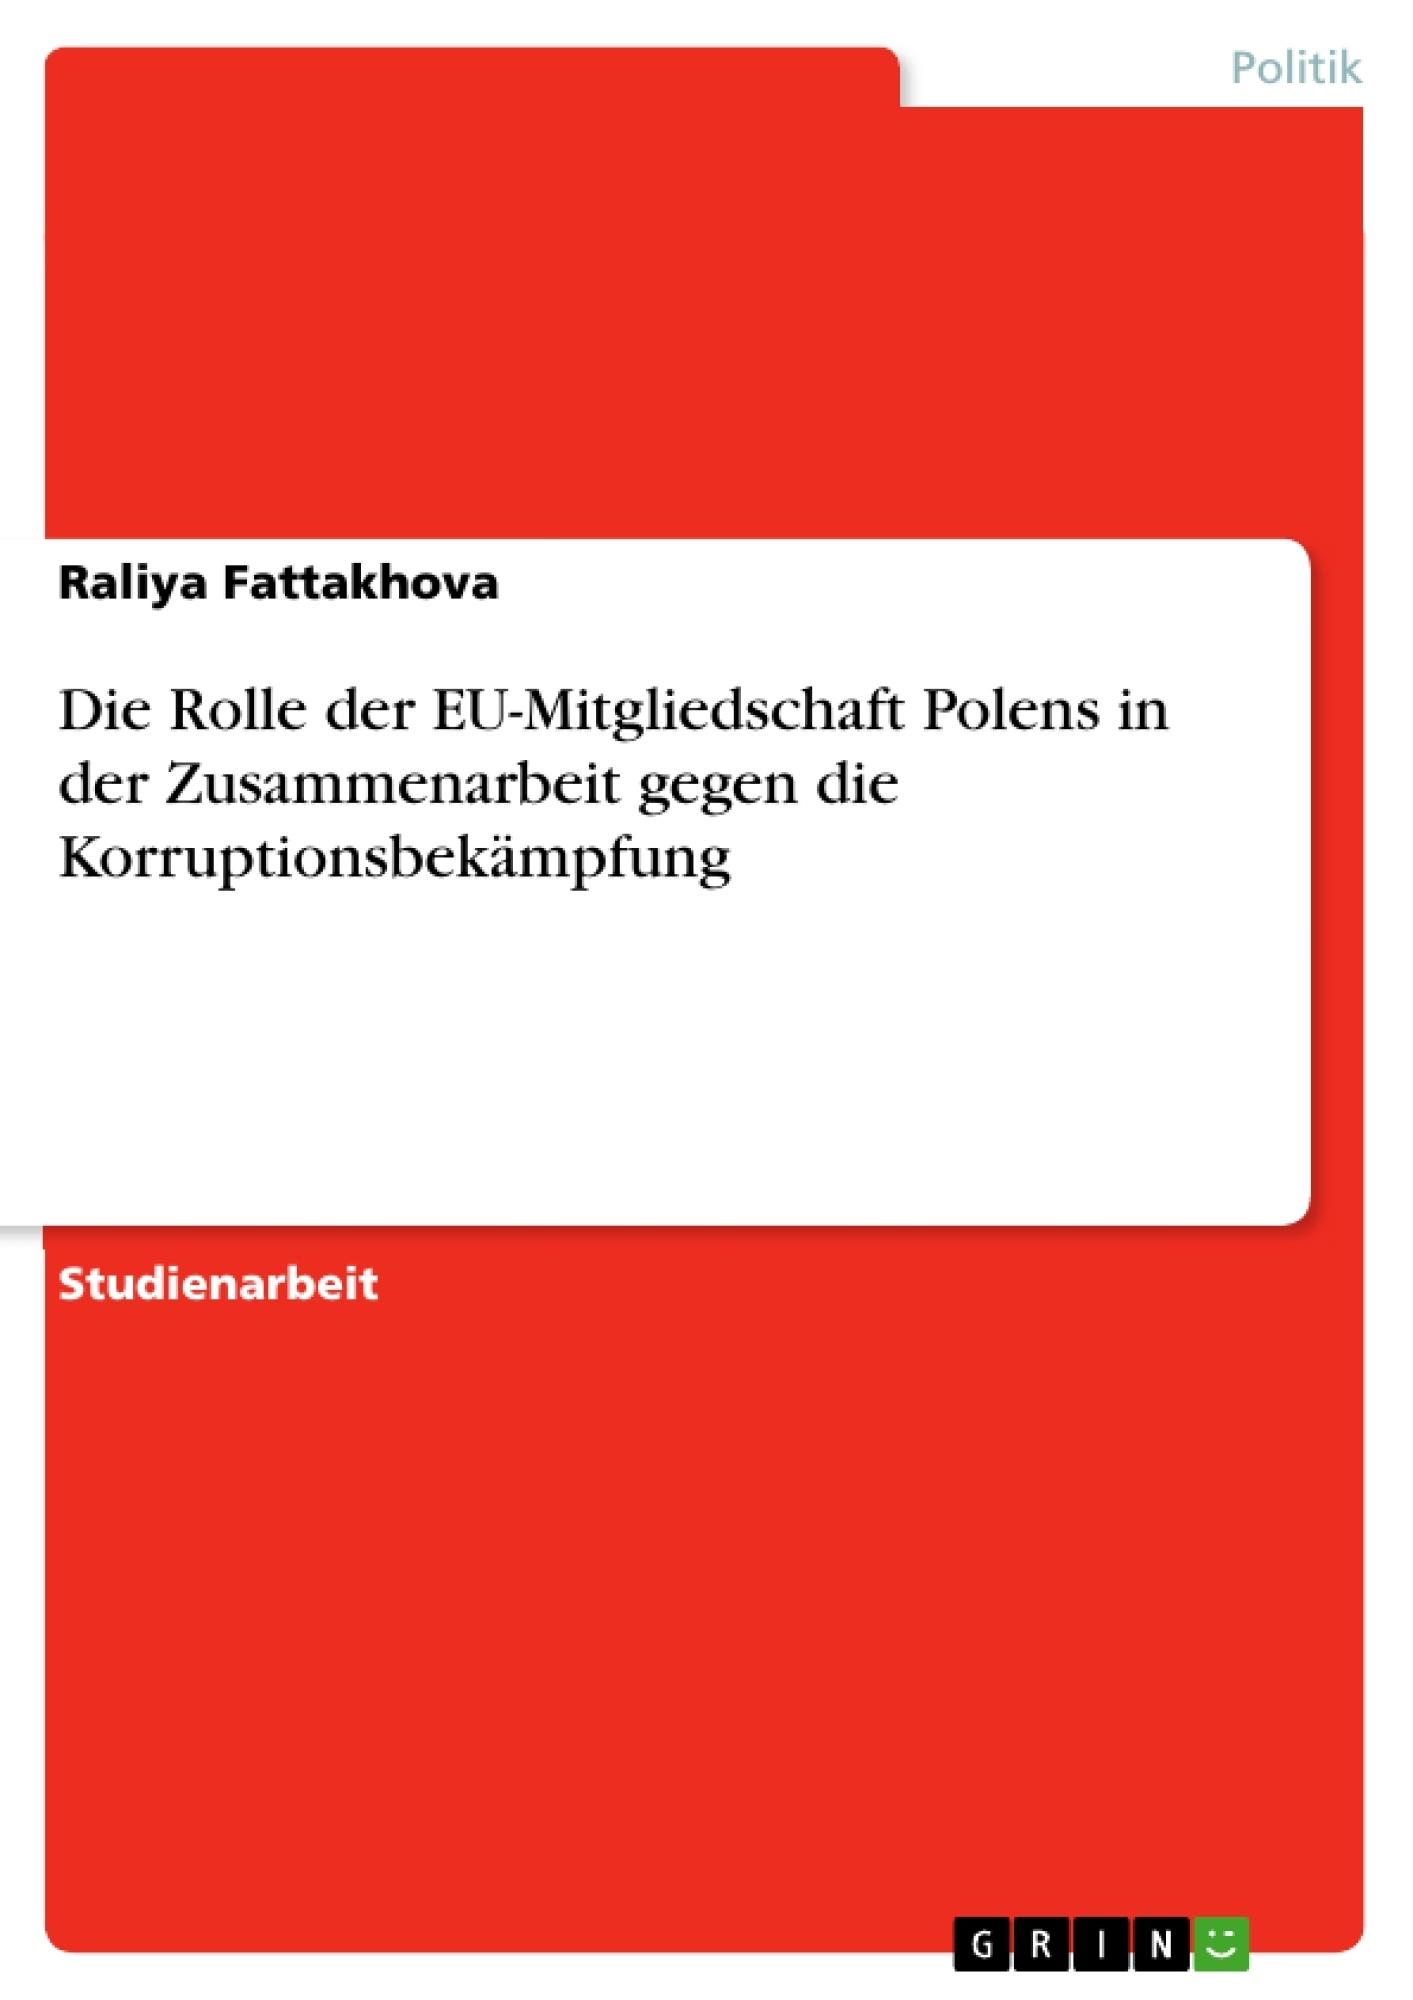 Titel: Die Rolle der EU-Mitgliedschaft Polens in der Zusammenarbeit gegen die Korruptionsbekämpfung